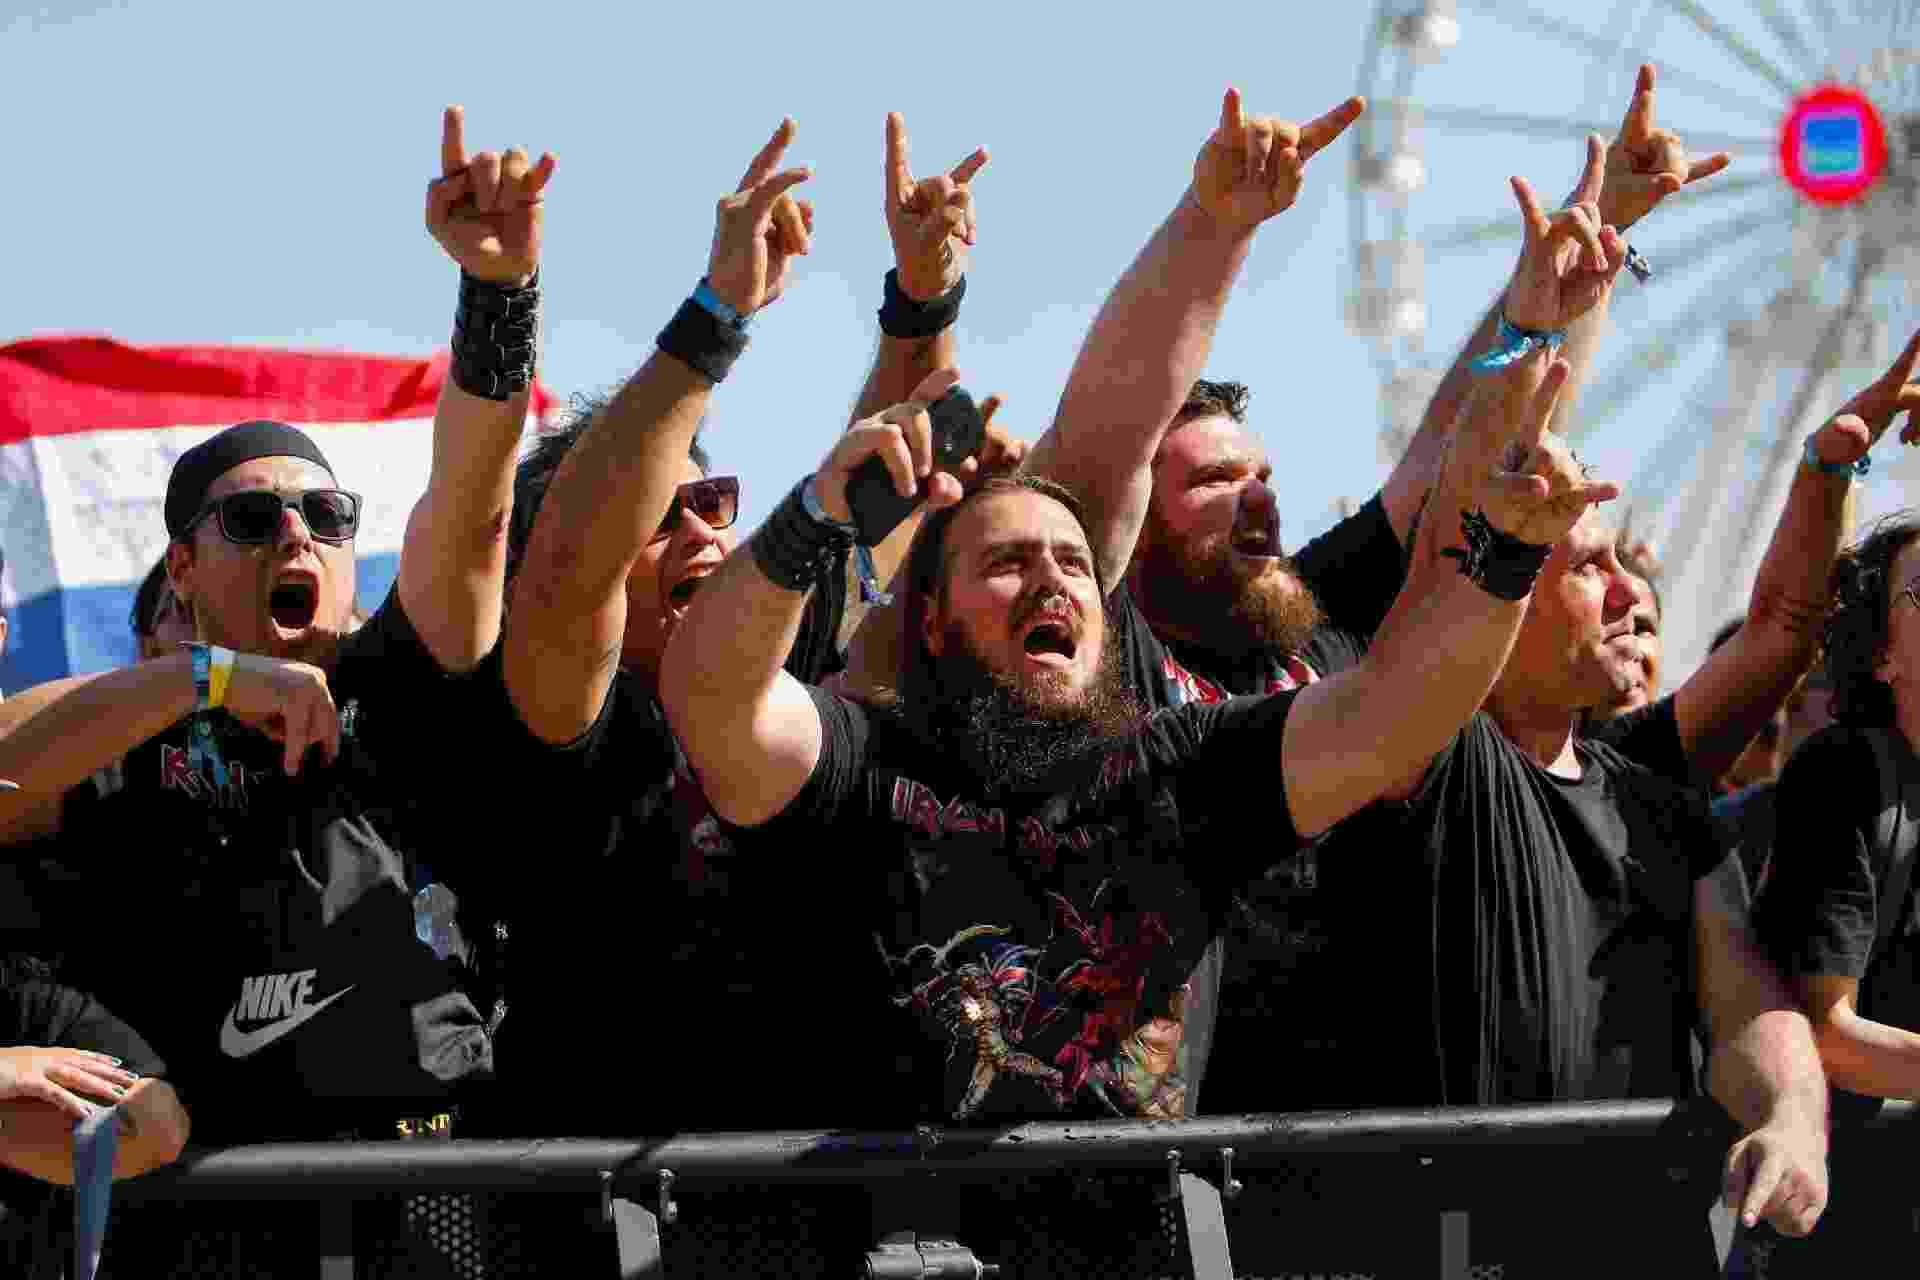 Fãs de metal marcam presença no quinto dia do Rock In Rio 2019 - CLAUDIA MARTINI/FUTURA PRESS/ESTADÃO CONTEÚDO